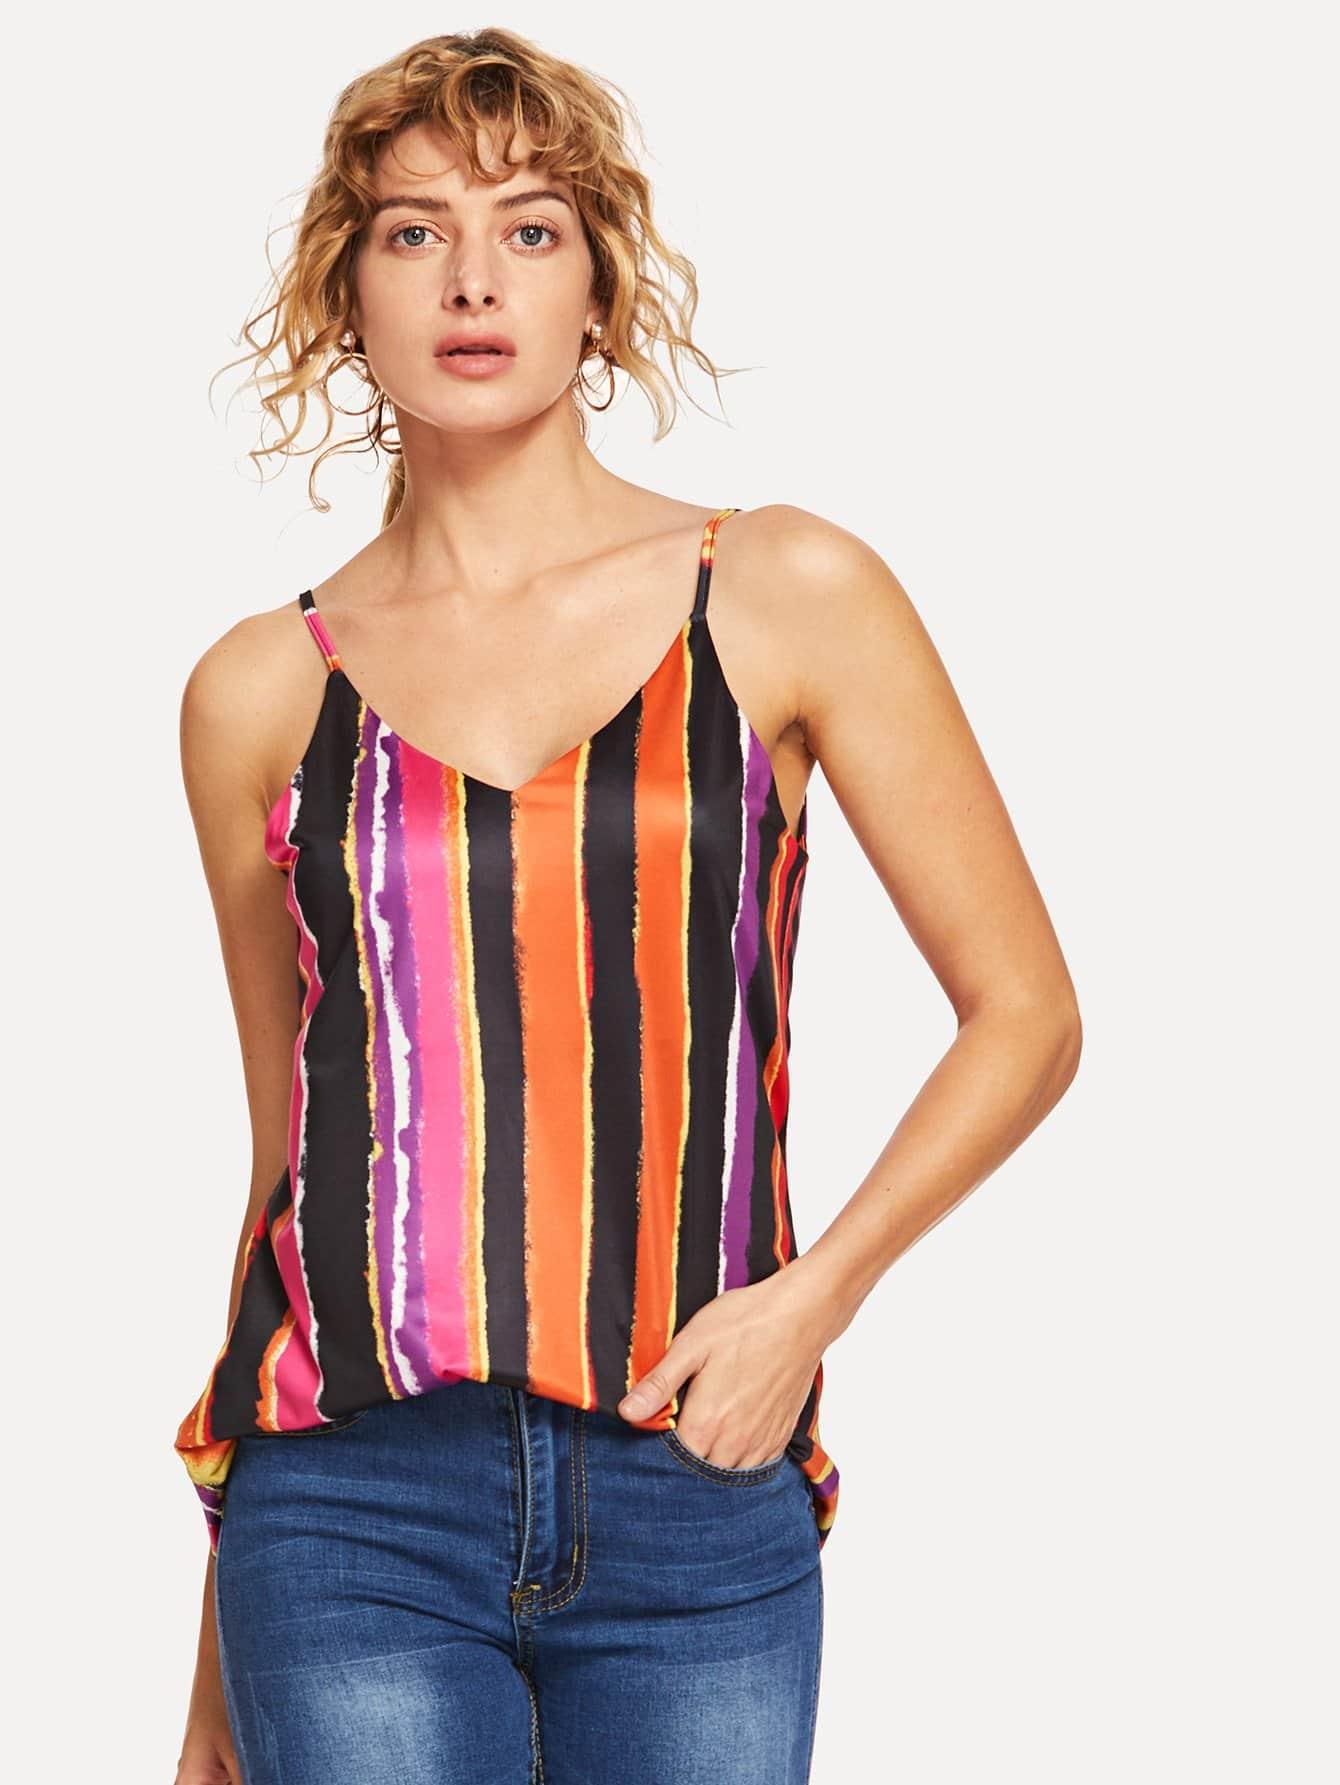 Купить Красочный полосатый Cami Top, Masha, SheIn